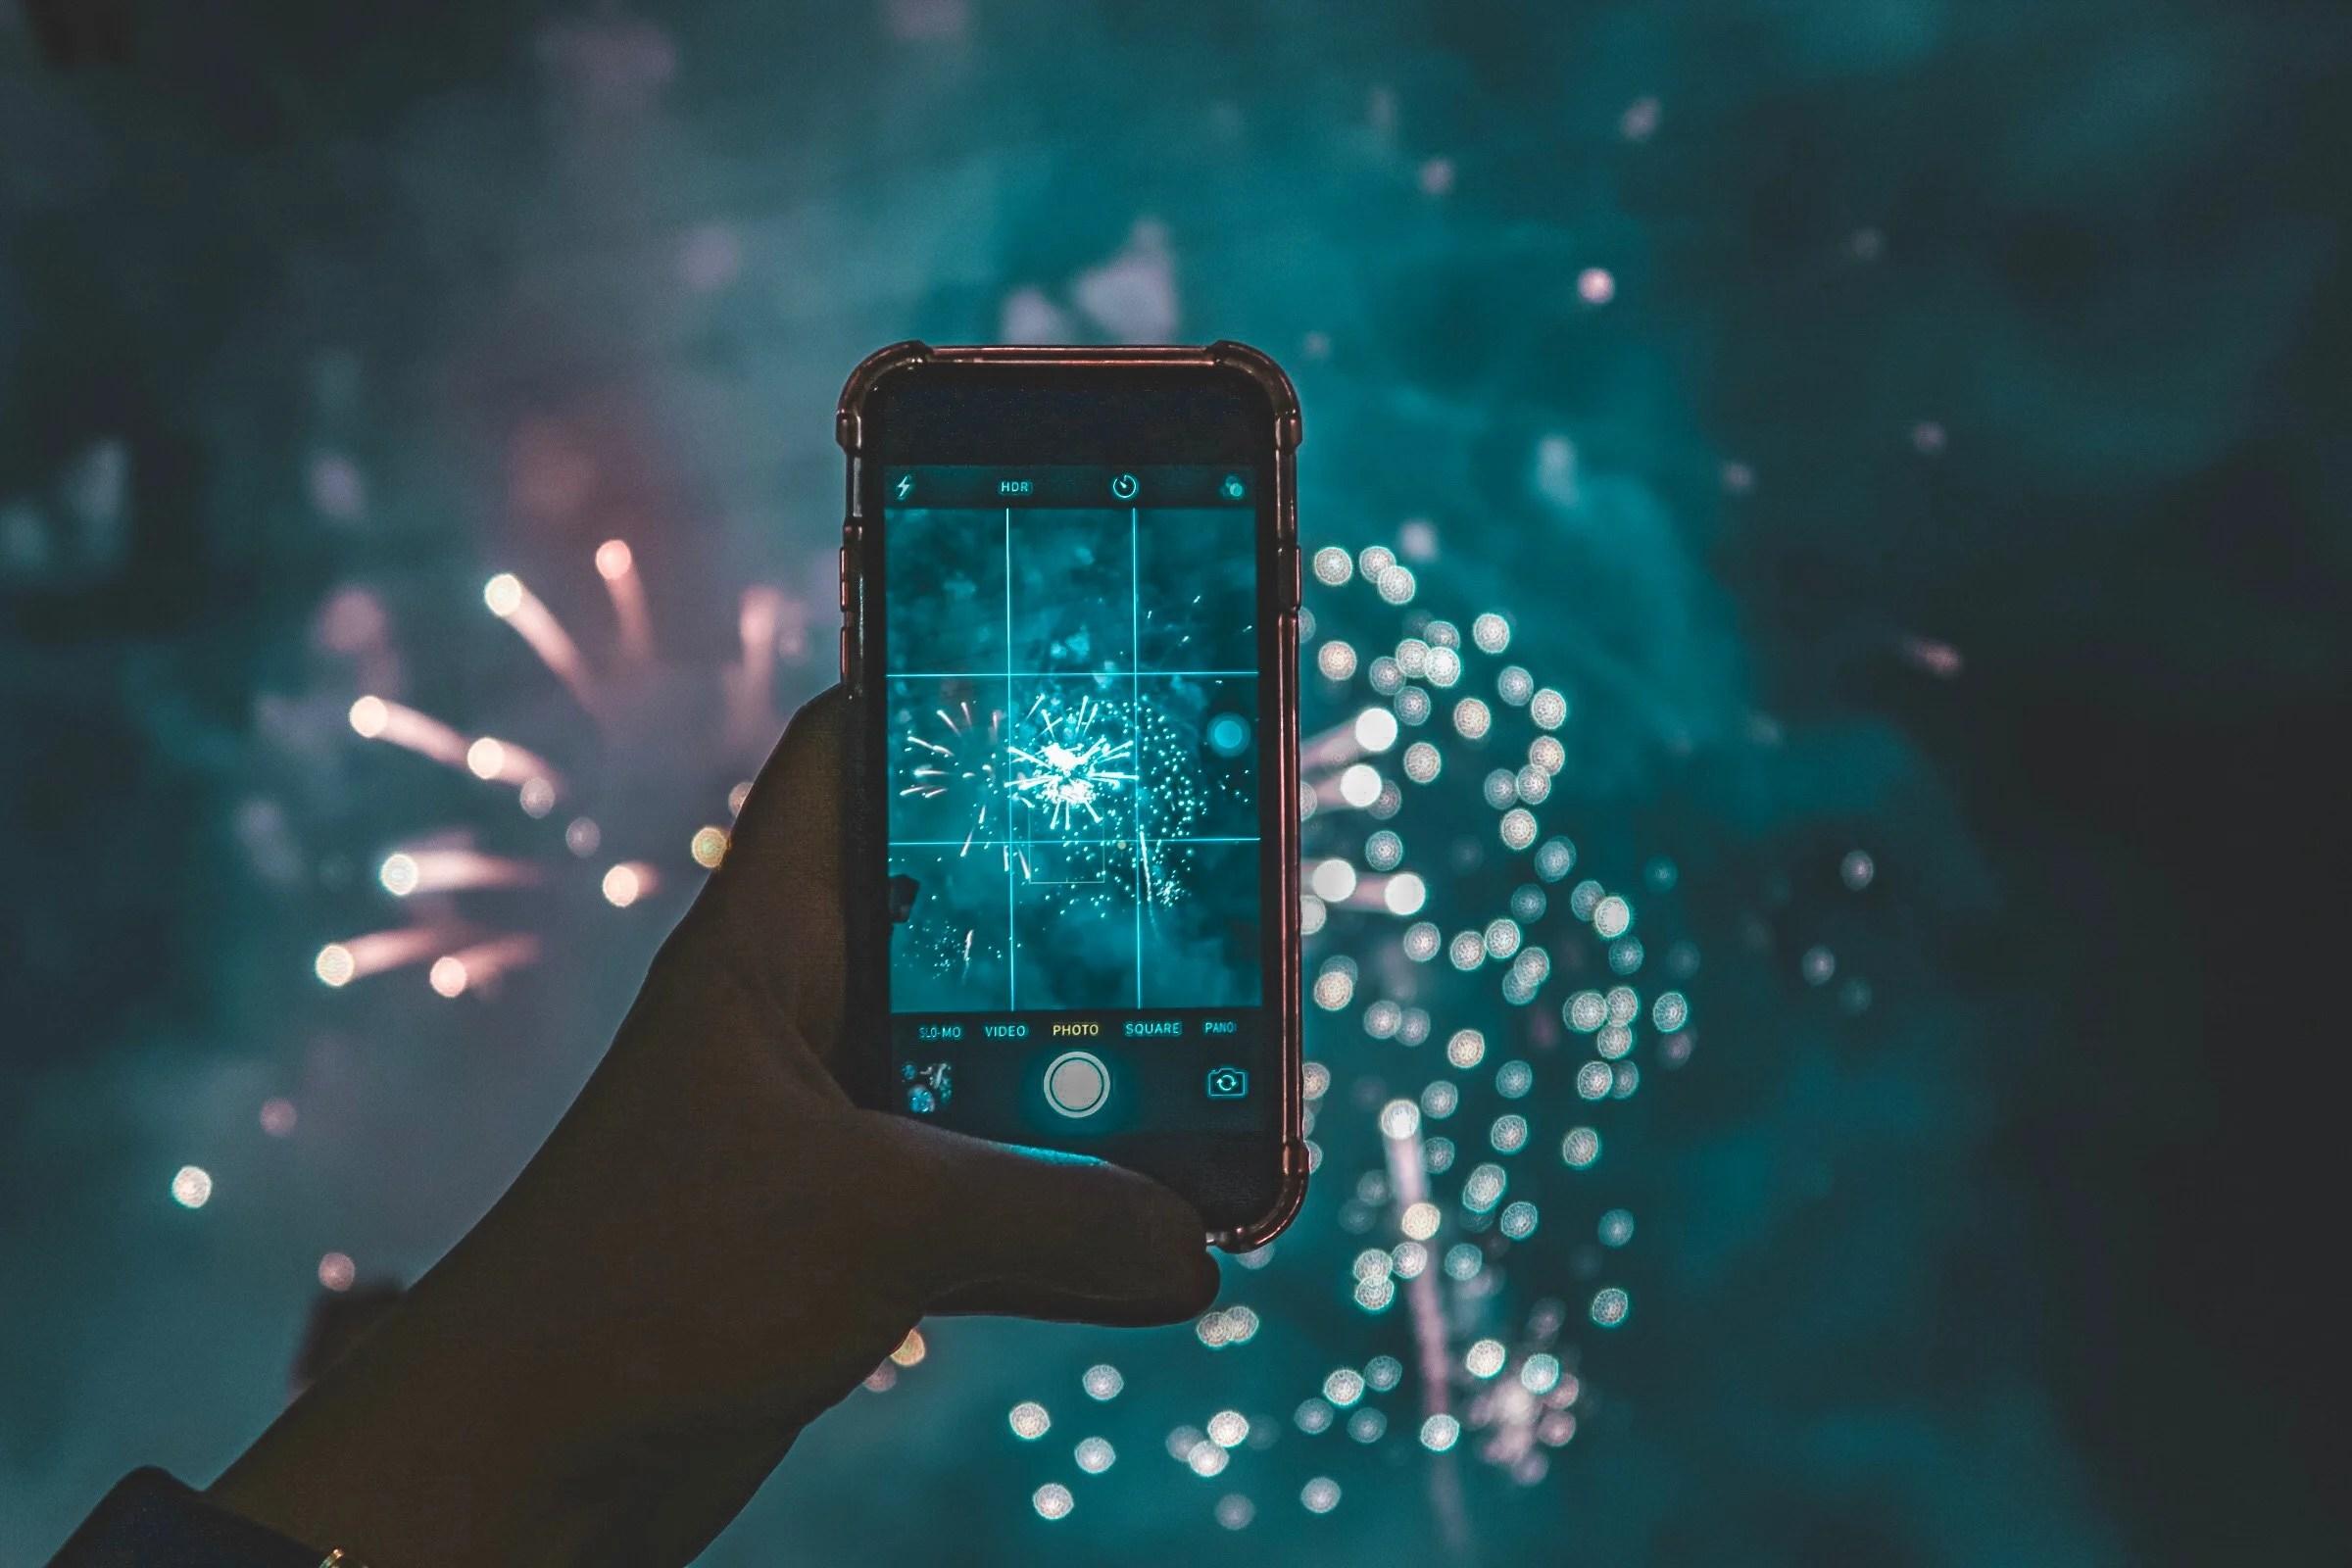 C'est l'heure des bonnes résolutions : apprenez à maîtriser InDesign, le développement web et le langage Go de Google en 2019